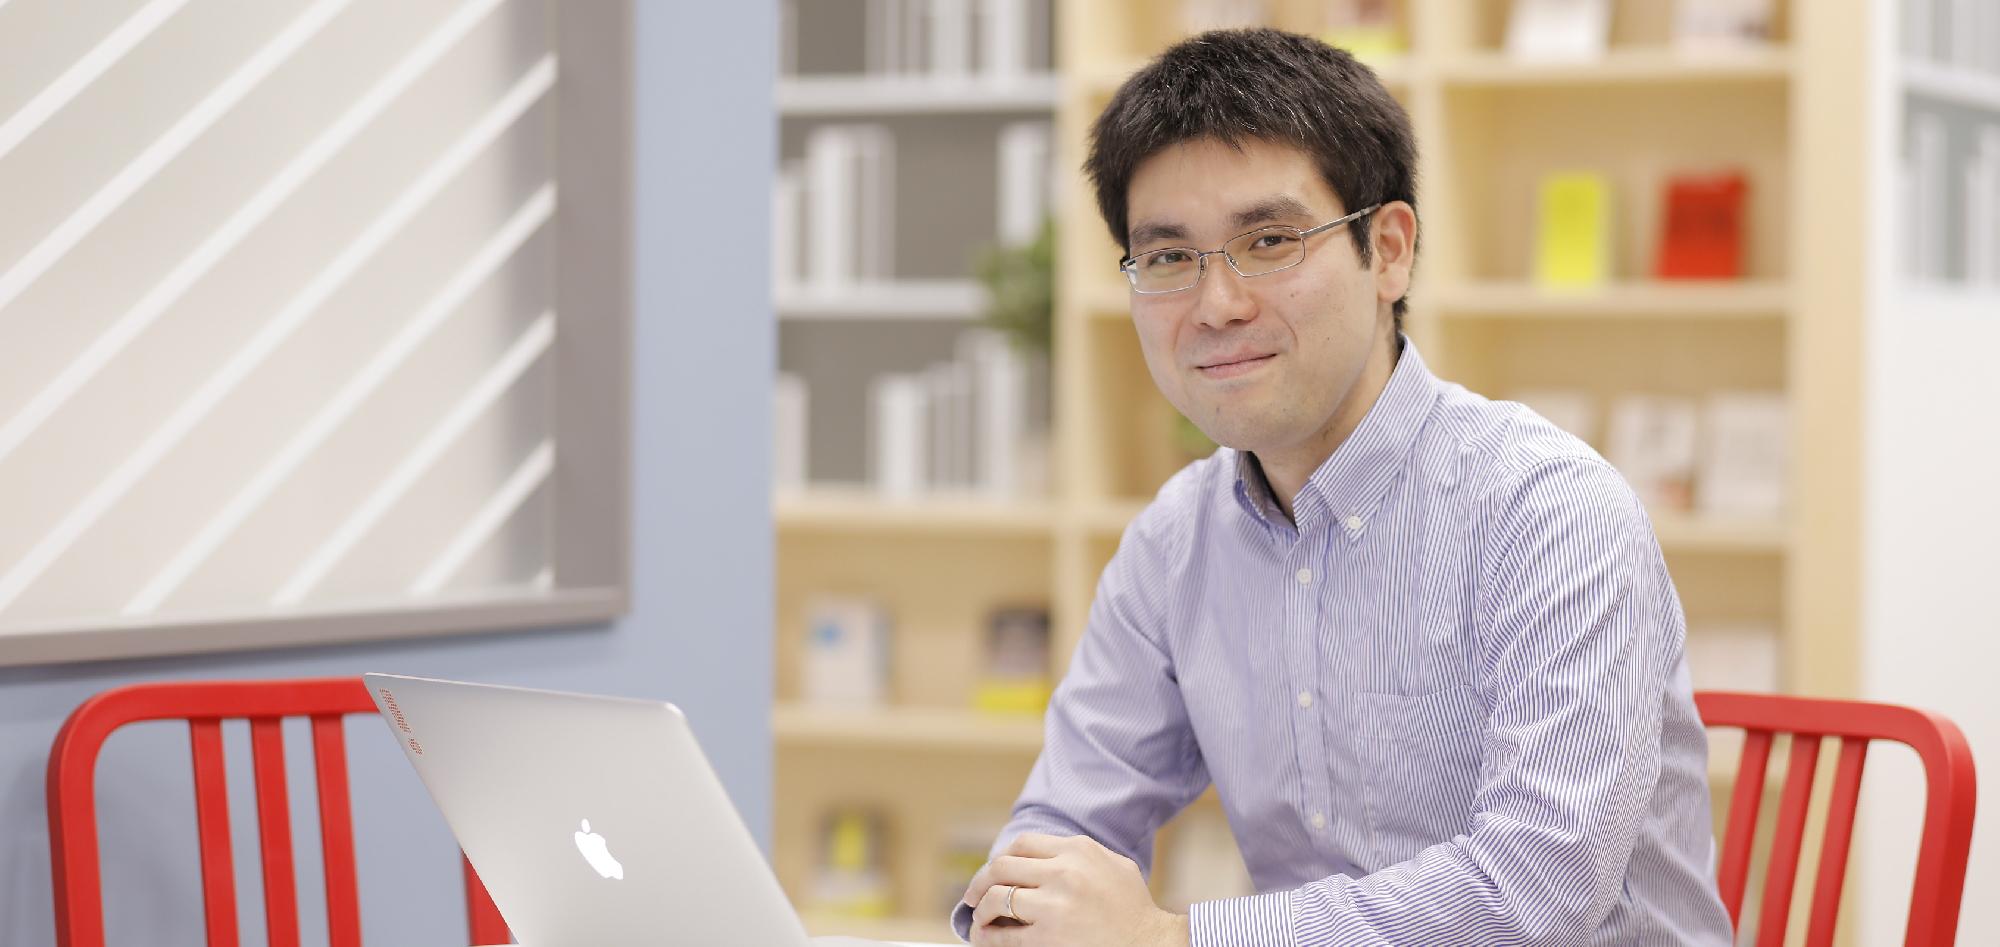 テクノロジーグループ データ&サイエンスソリューション統括本部 サイエンス本部  リードエンジニア 田頭幸浩の画像